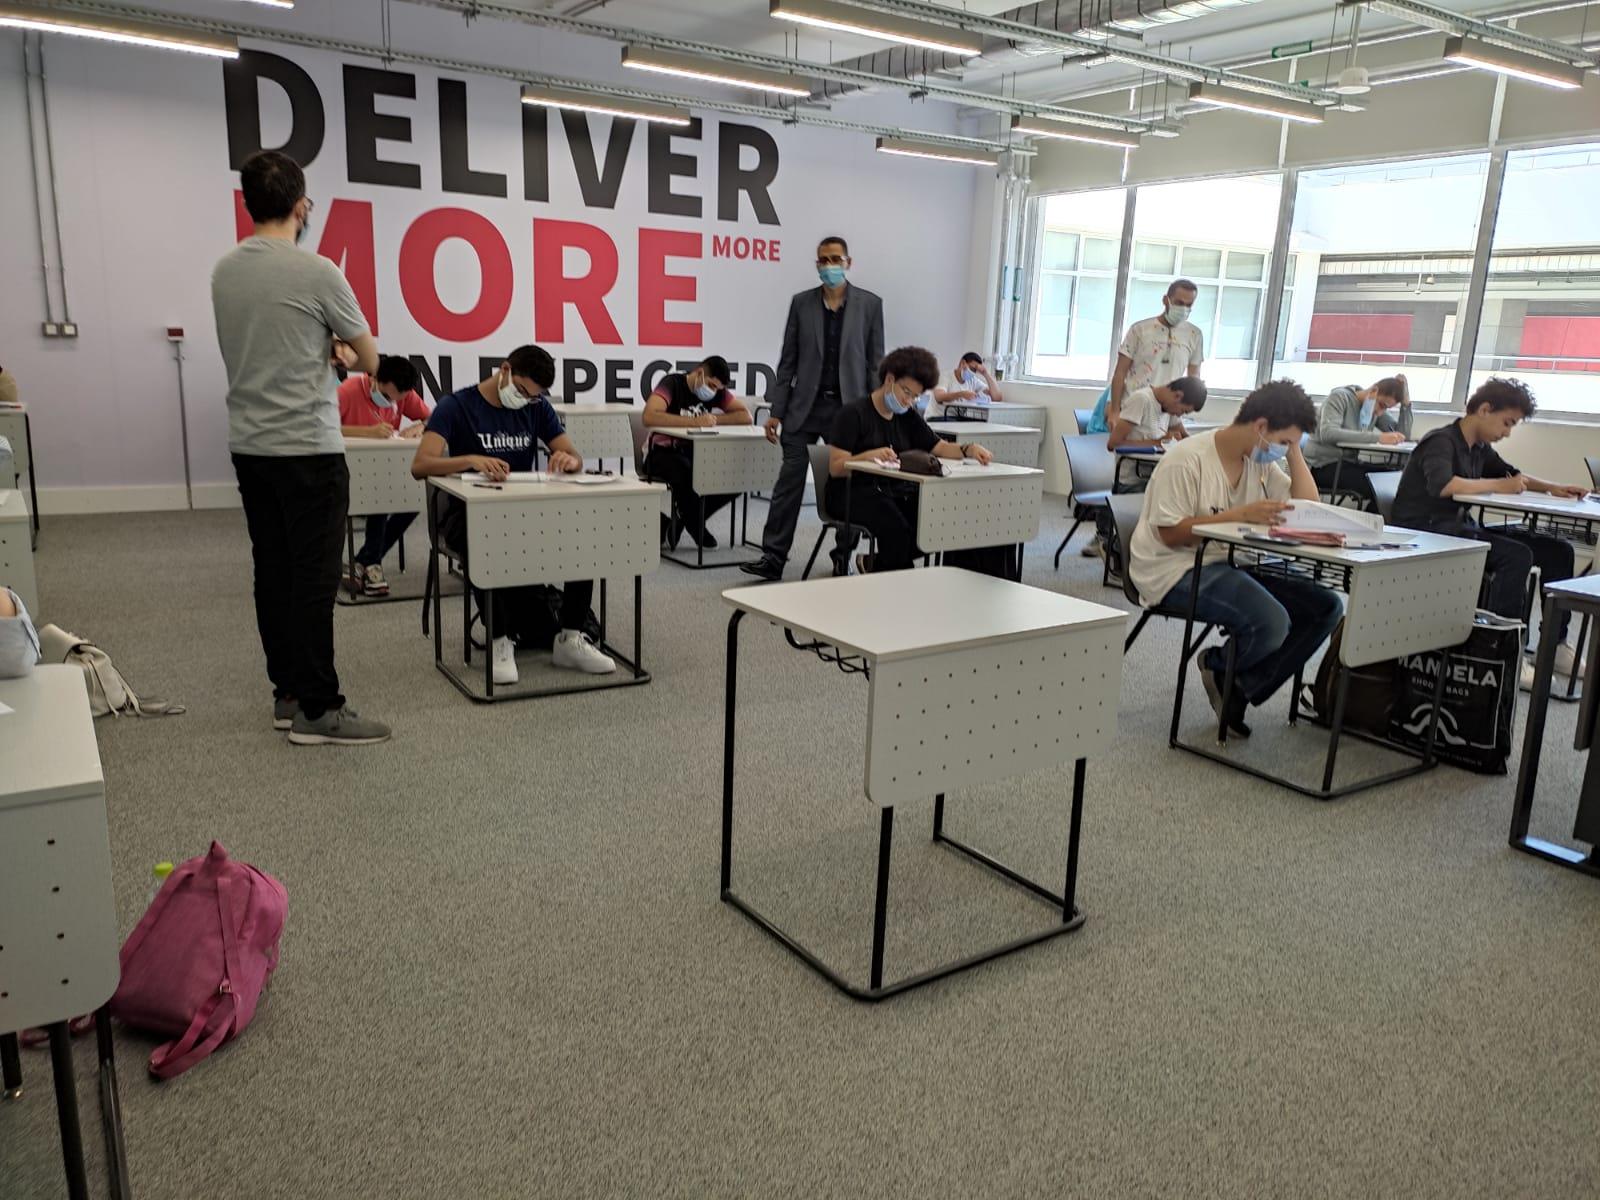 الجامعة اليابانية بالإسكندرية تواصل اختبارات القبول للطلاب | صور